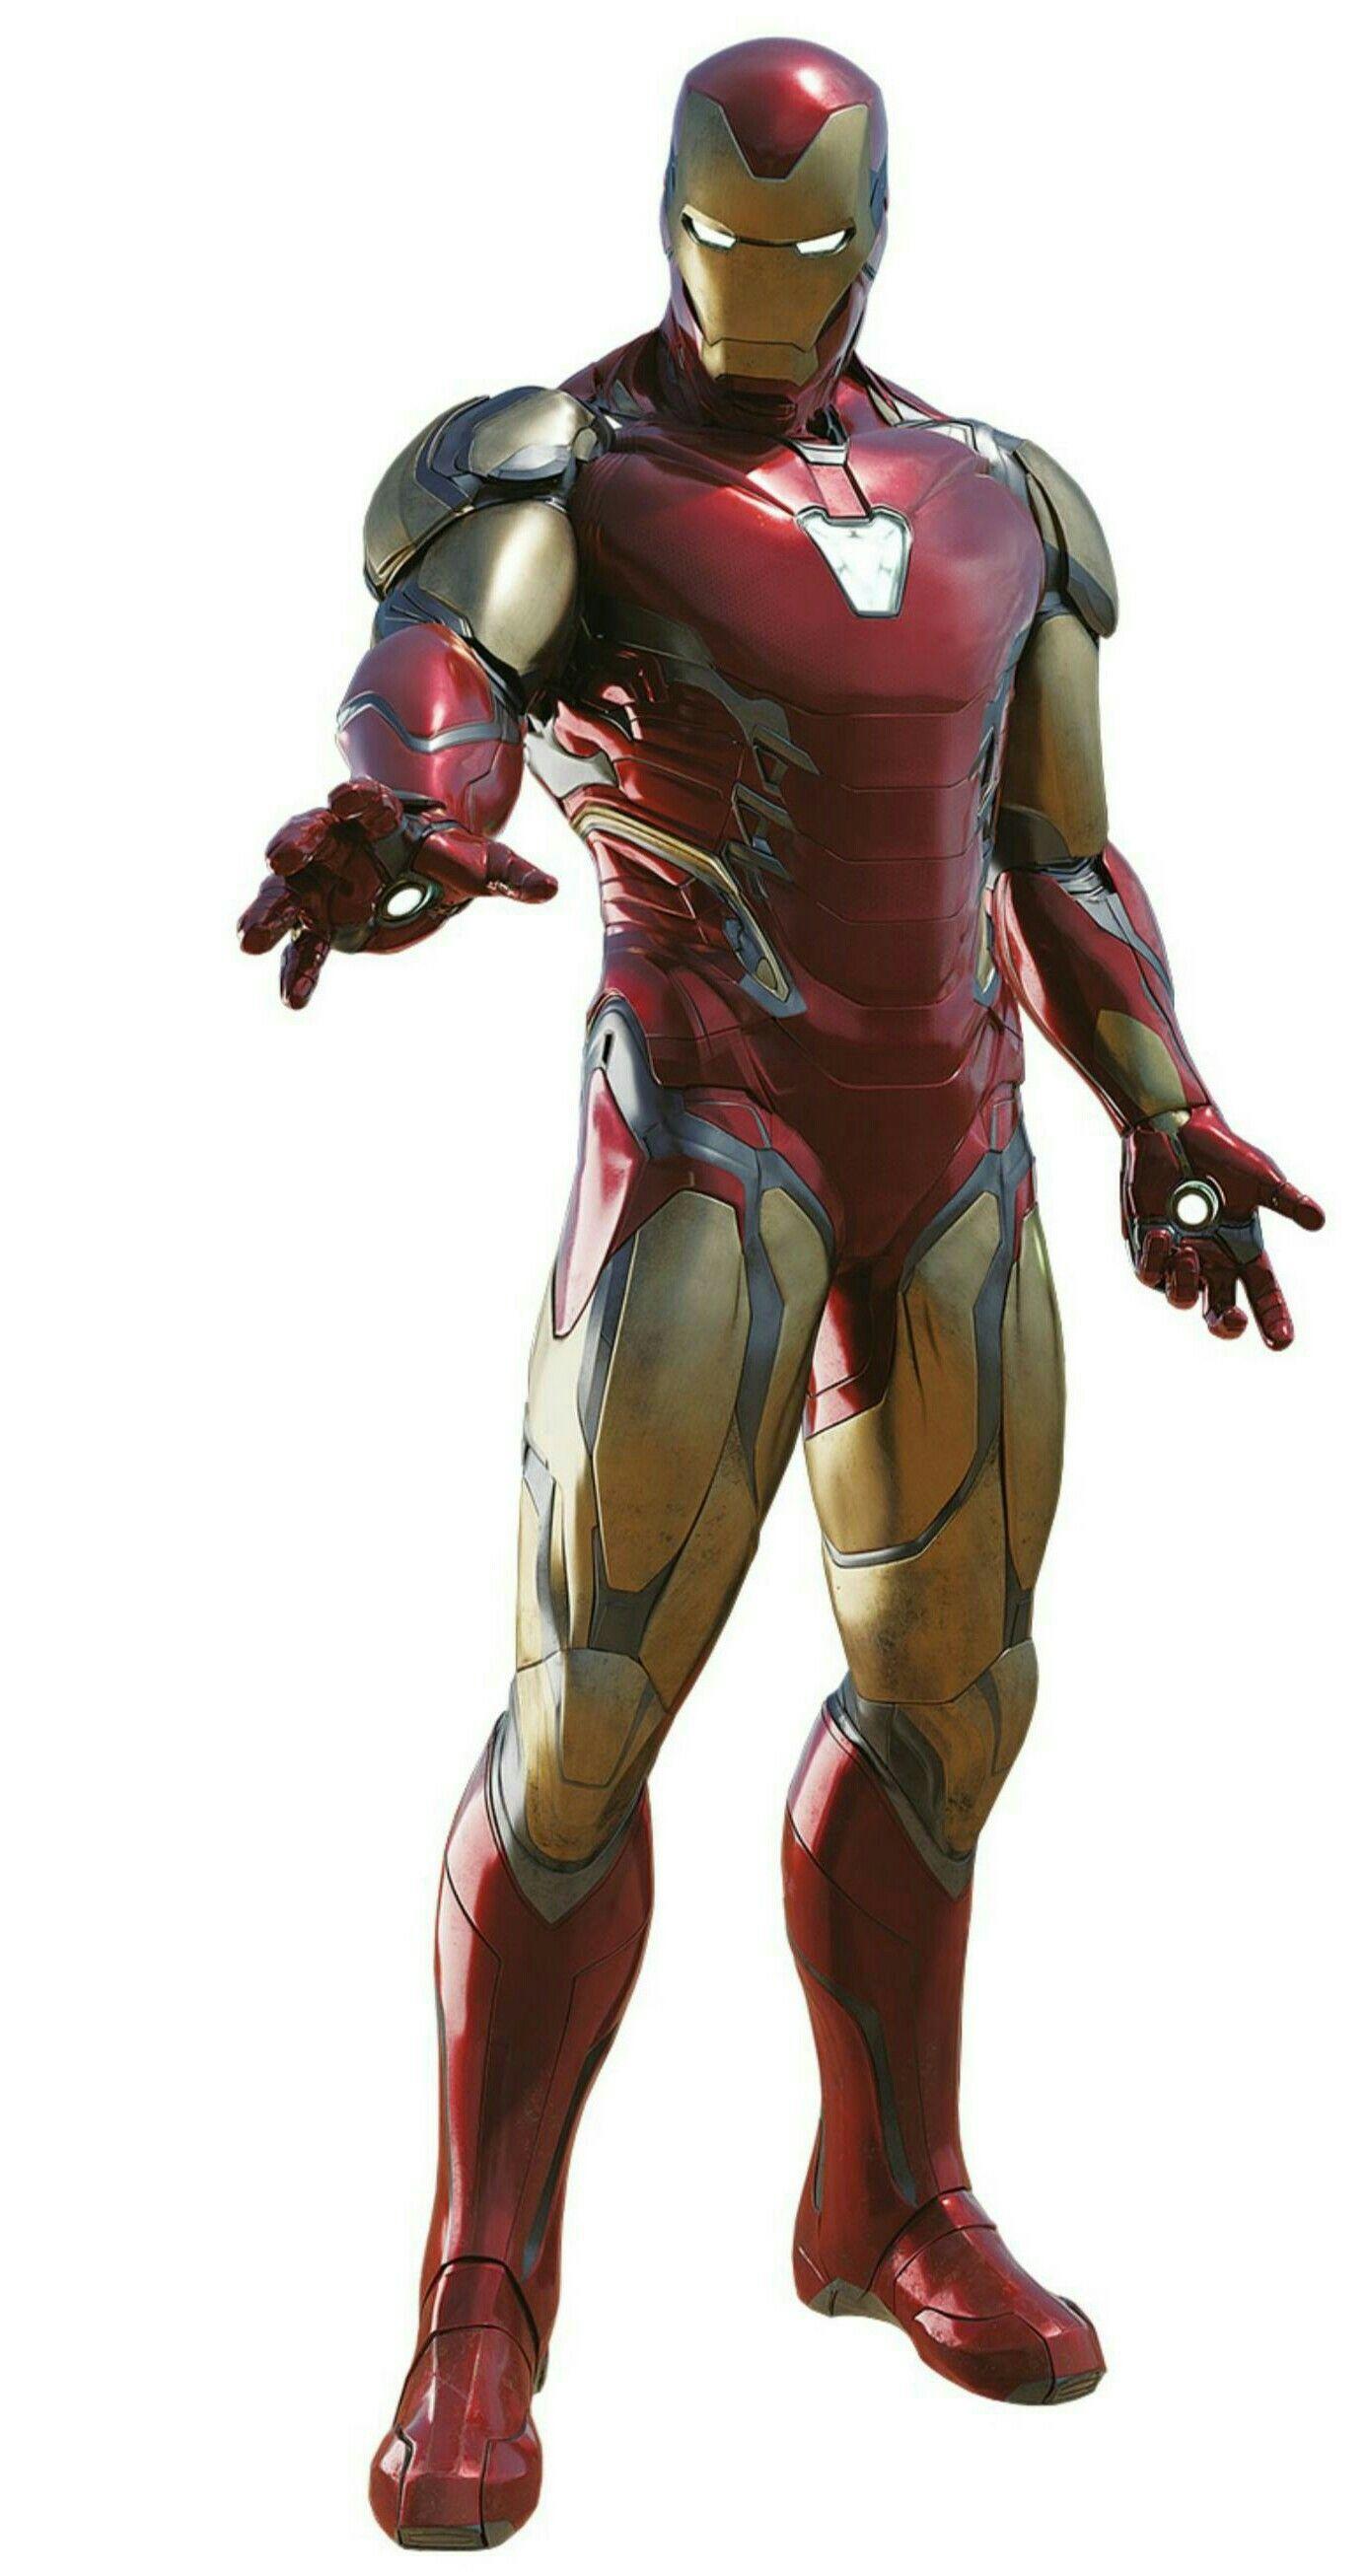 Nik Iron Man Mark 85 Iron Man Avengers Iron Man Marvel Iron Man